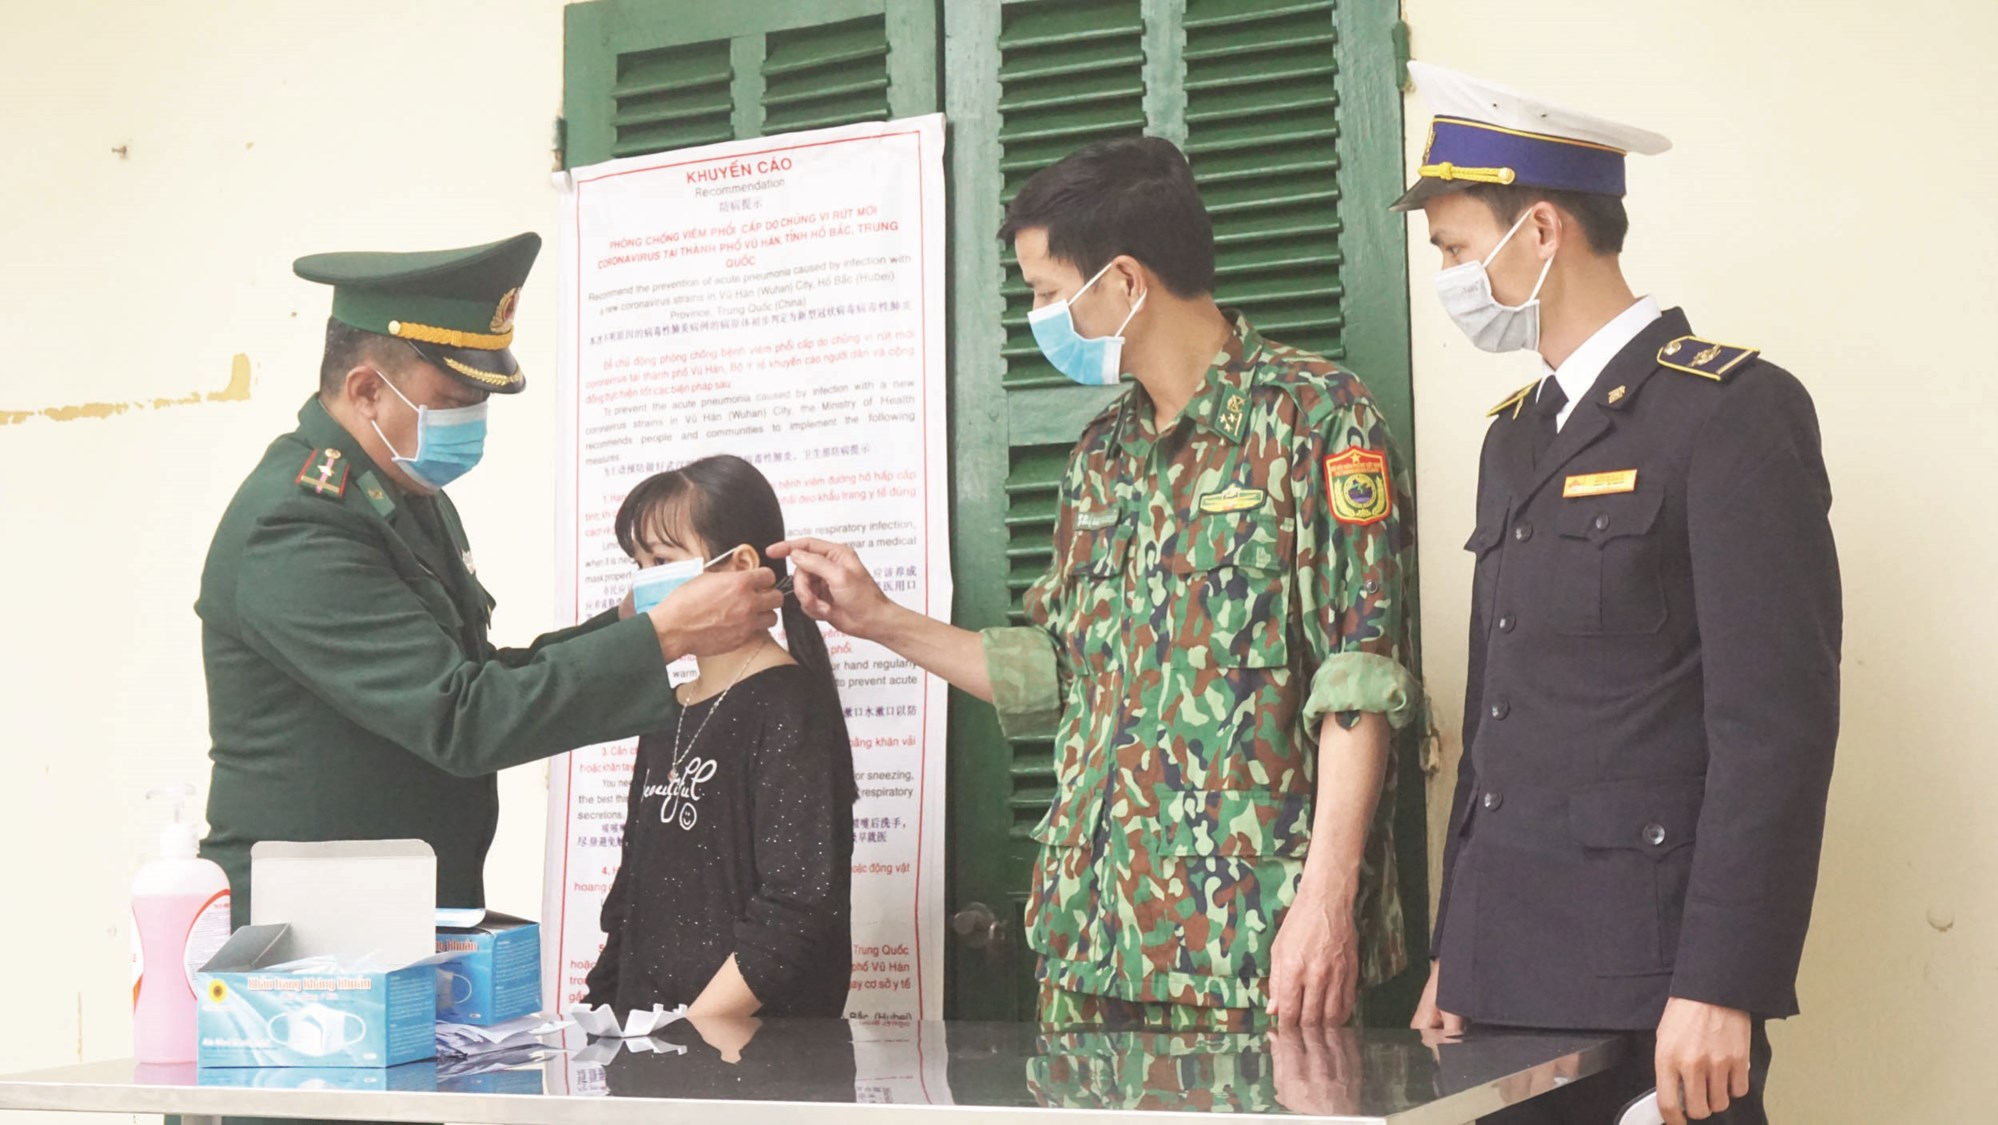 Bộ đội Biên phòng Trạm Kiểm soát biên phòng Bản Vược tuần tra, tuyên truyền, phát khẩu trang cho người dân khu vực biên giới.